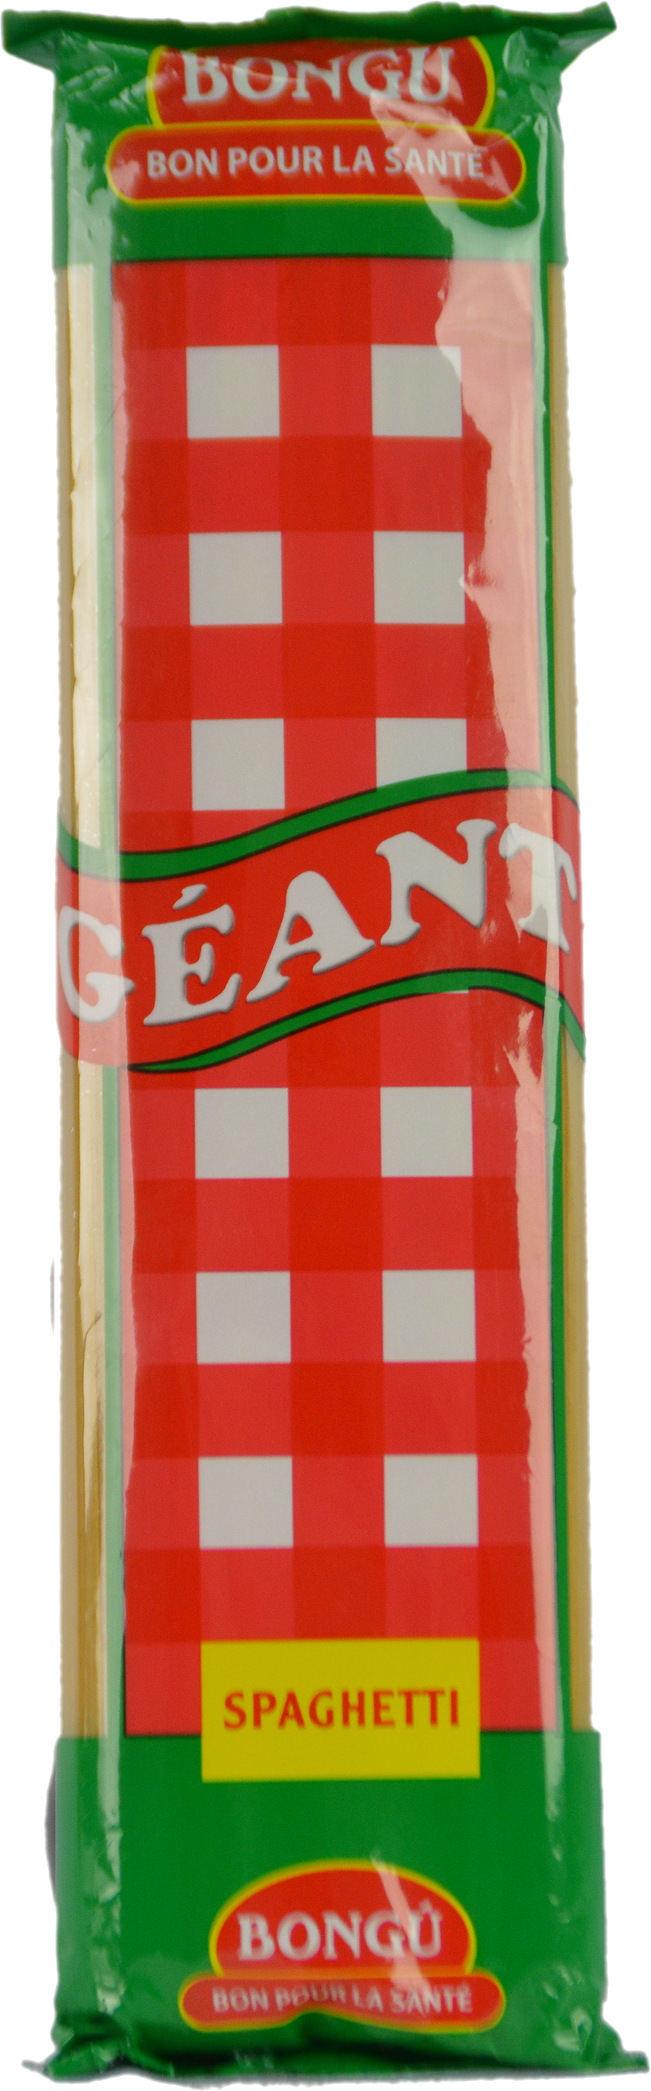 Spaguetti Geant / Full Case of 12 packs